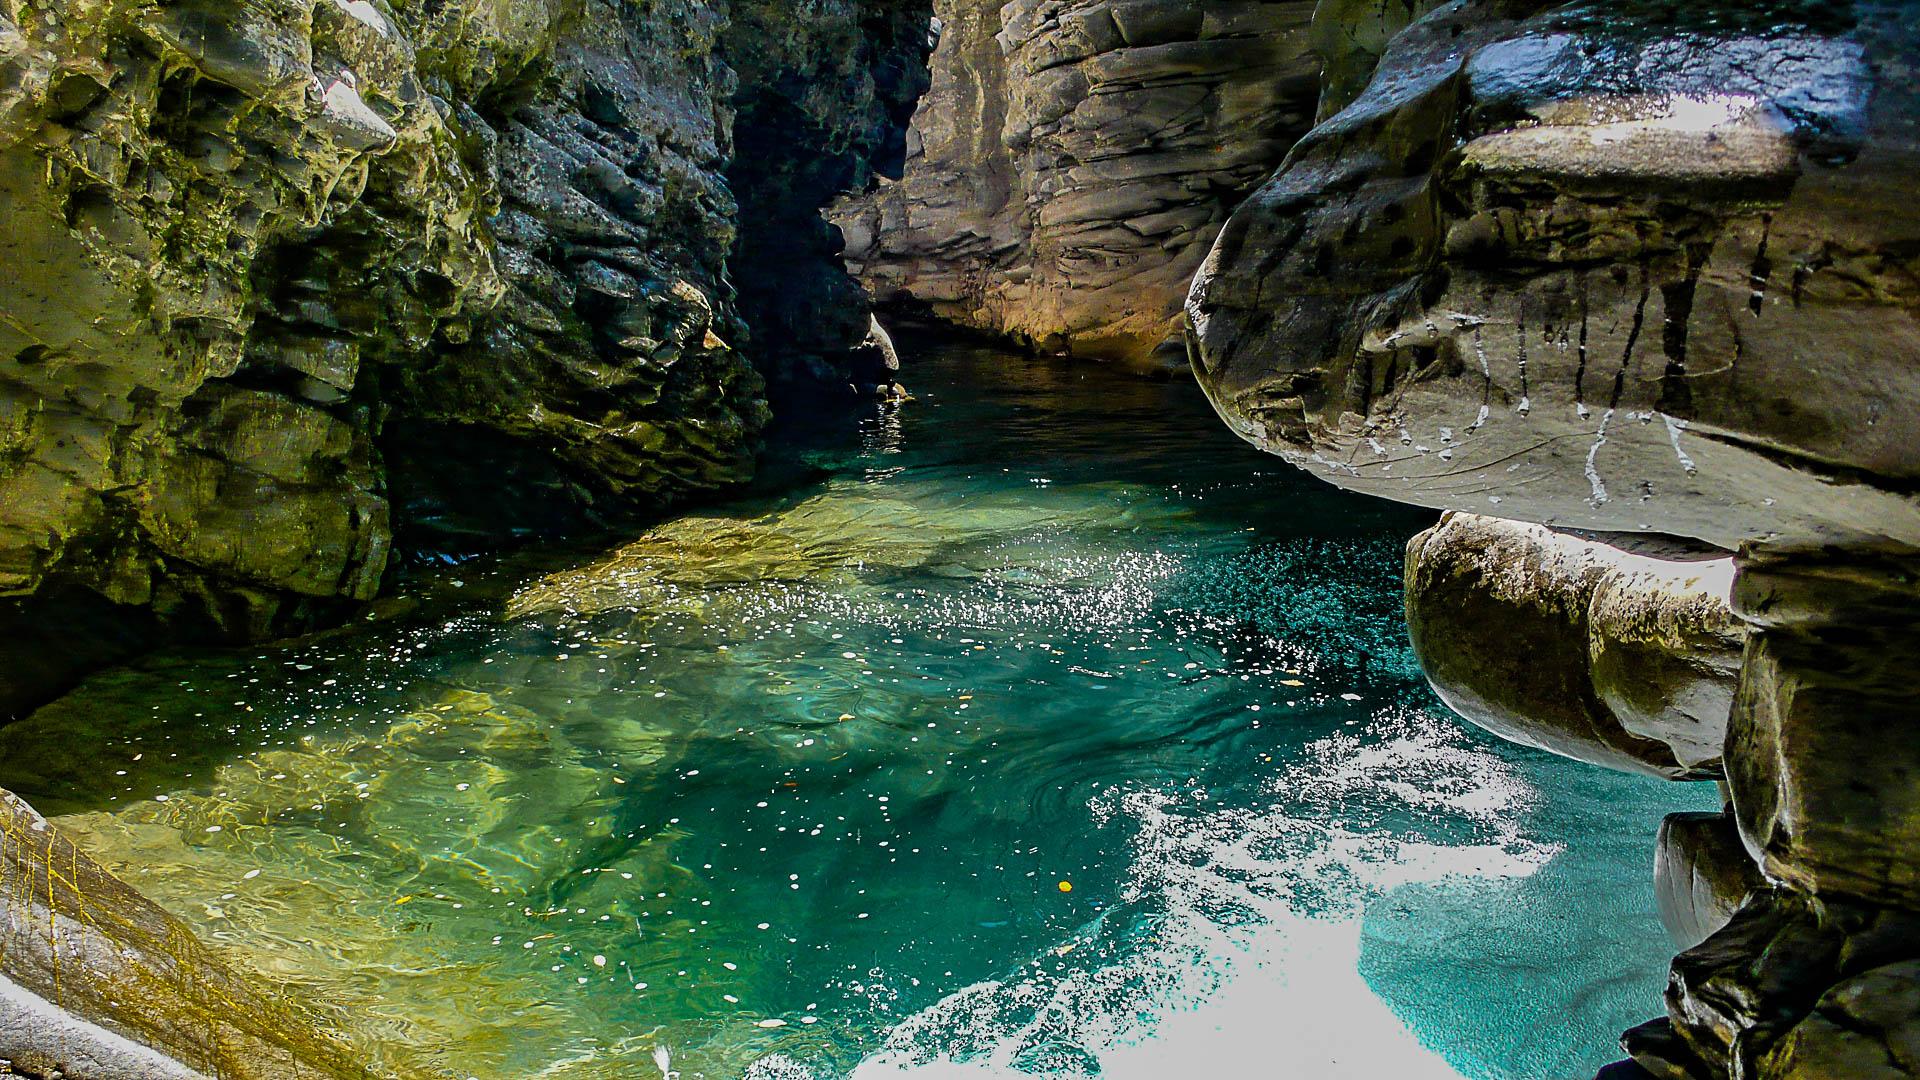 Un exemple de canyon dans les Pyrénées : Miraval